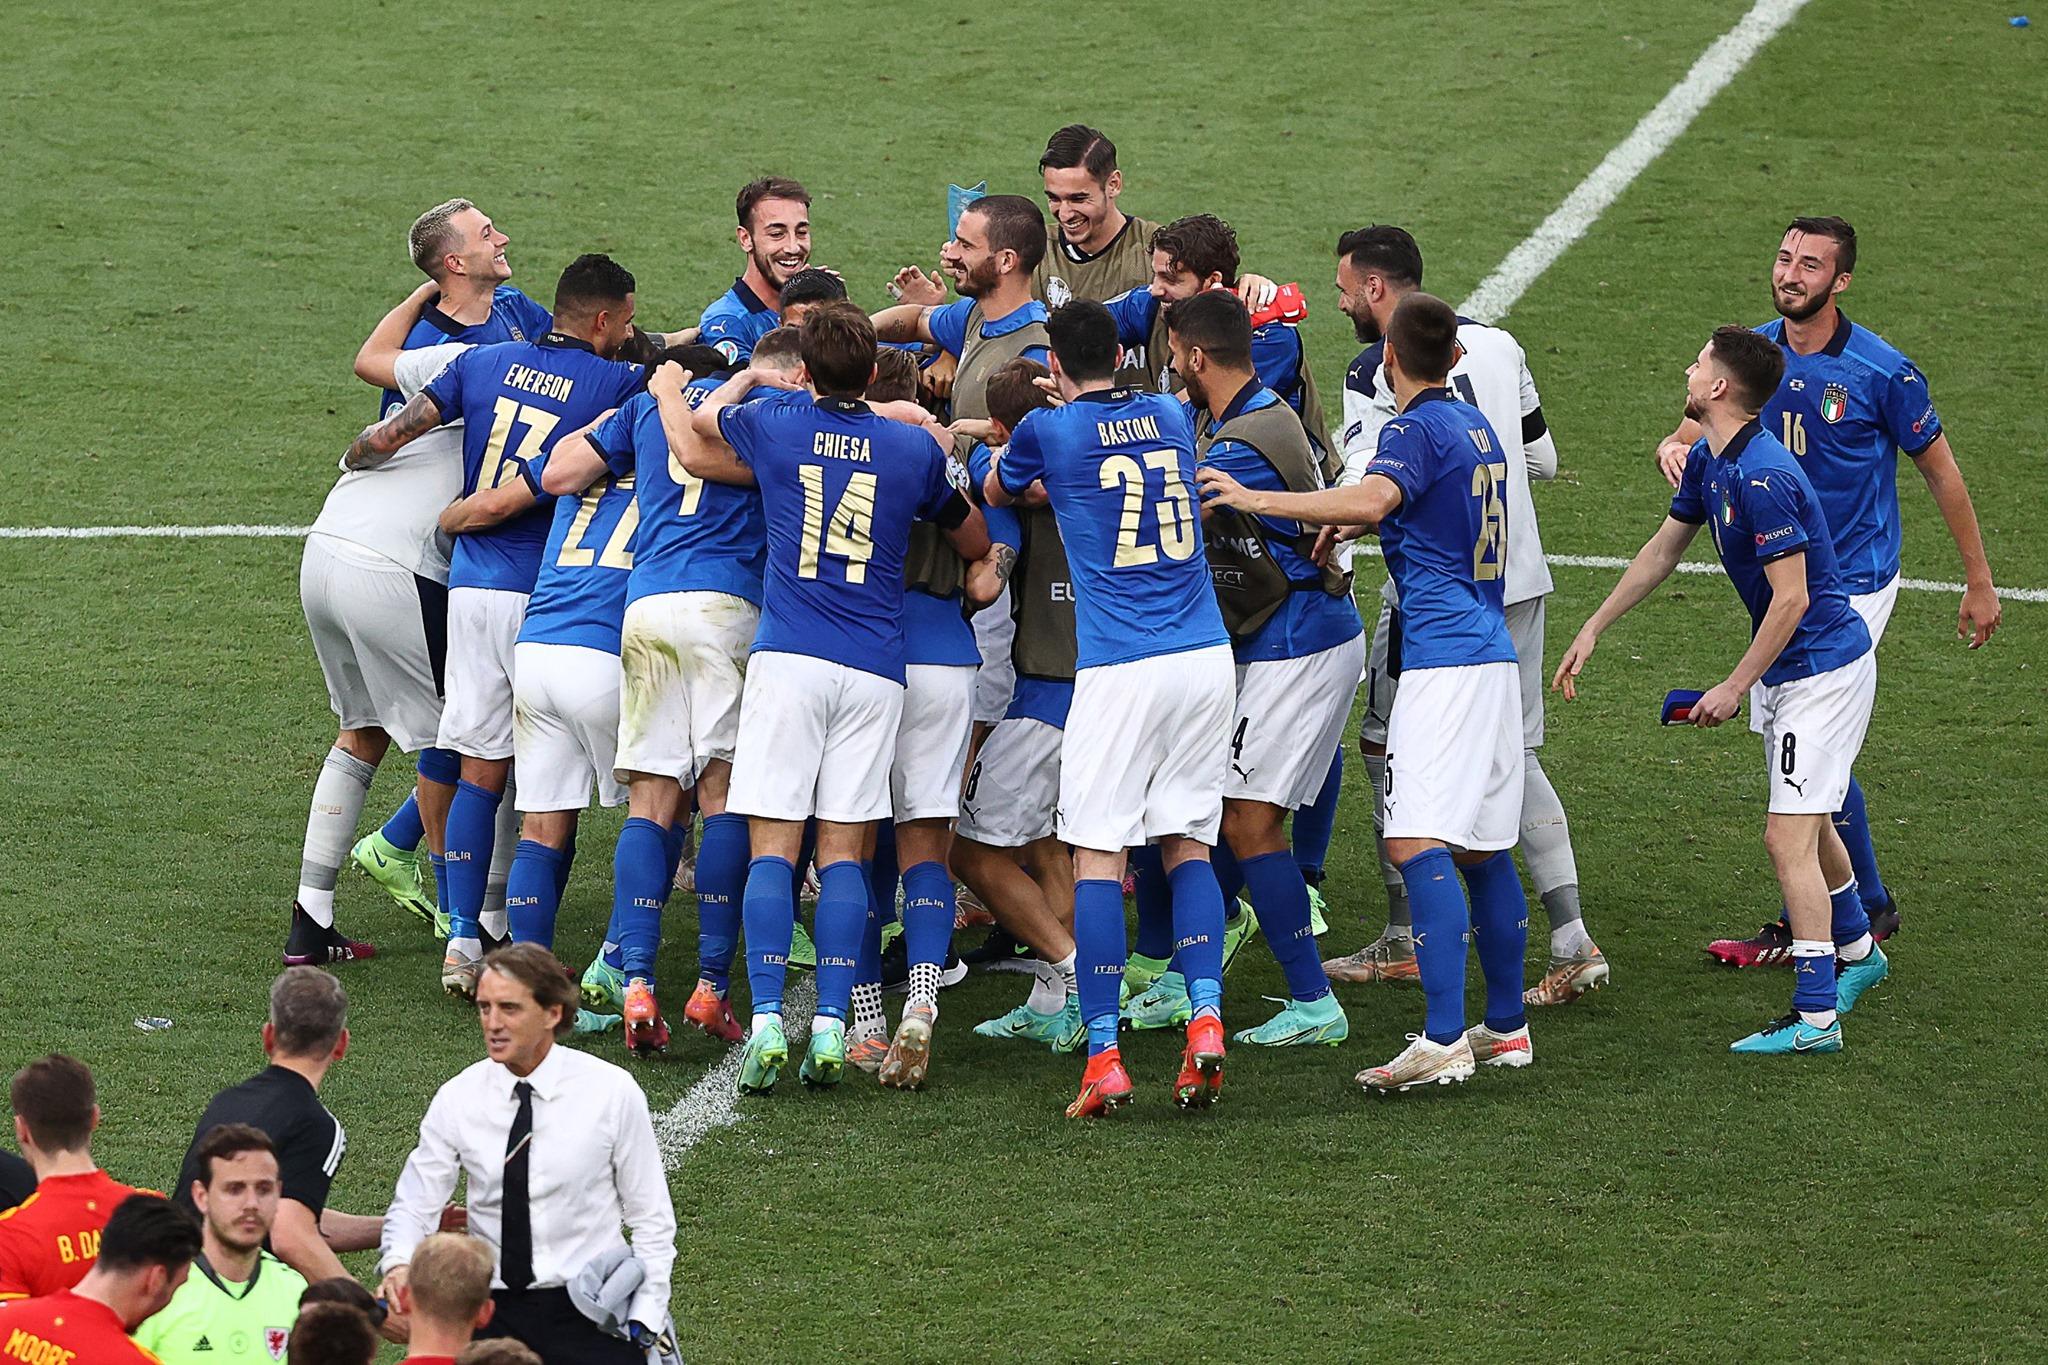 Azzurri và sự bùng nổ của thứ bóng đá mãn nhãn - Bóng Đá